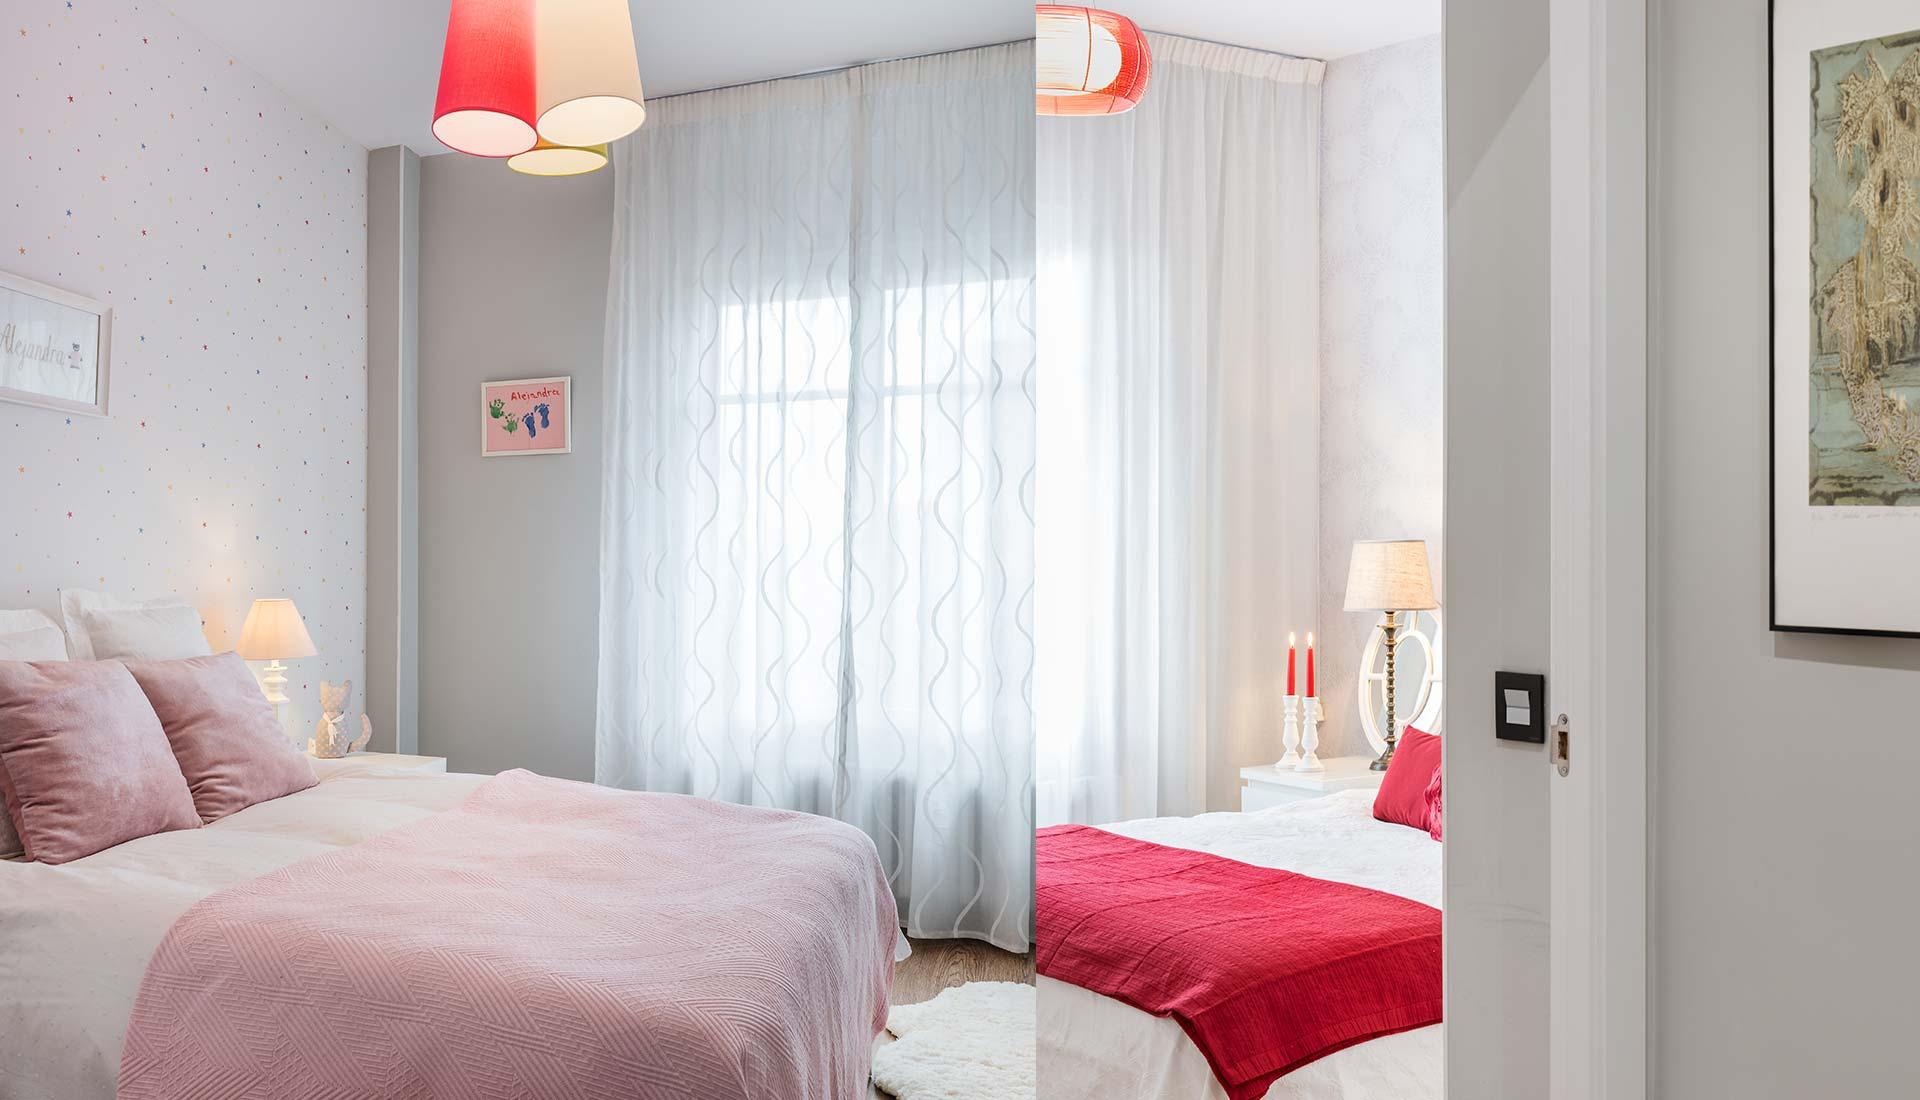 decoracion interiores dormitorio